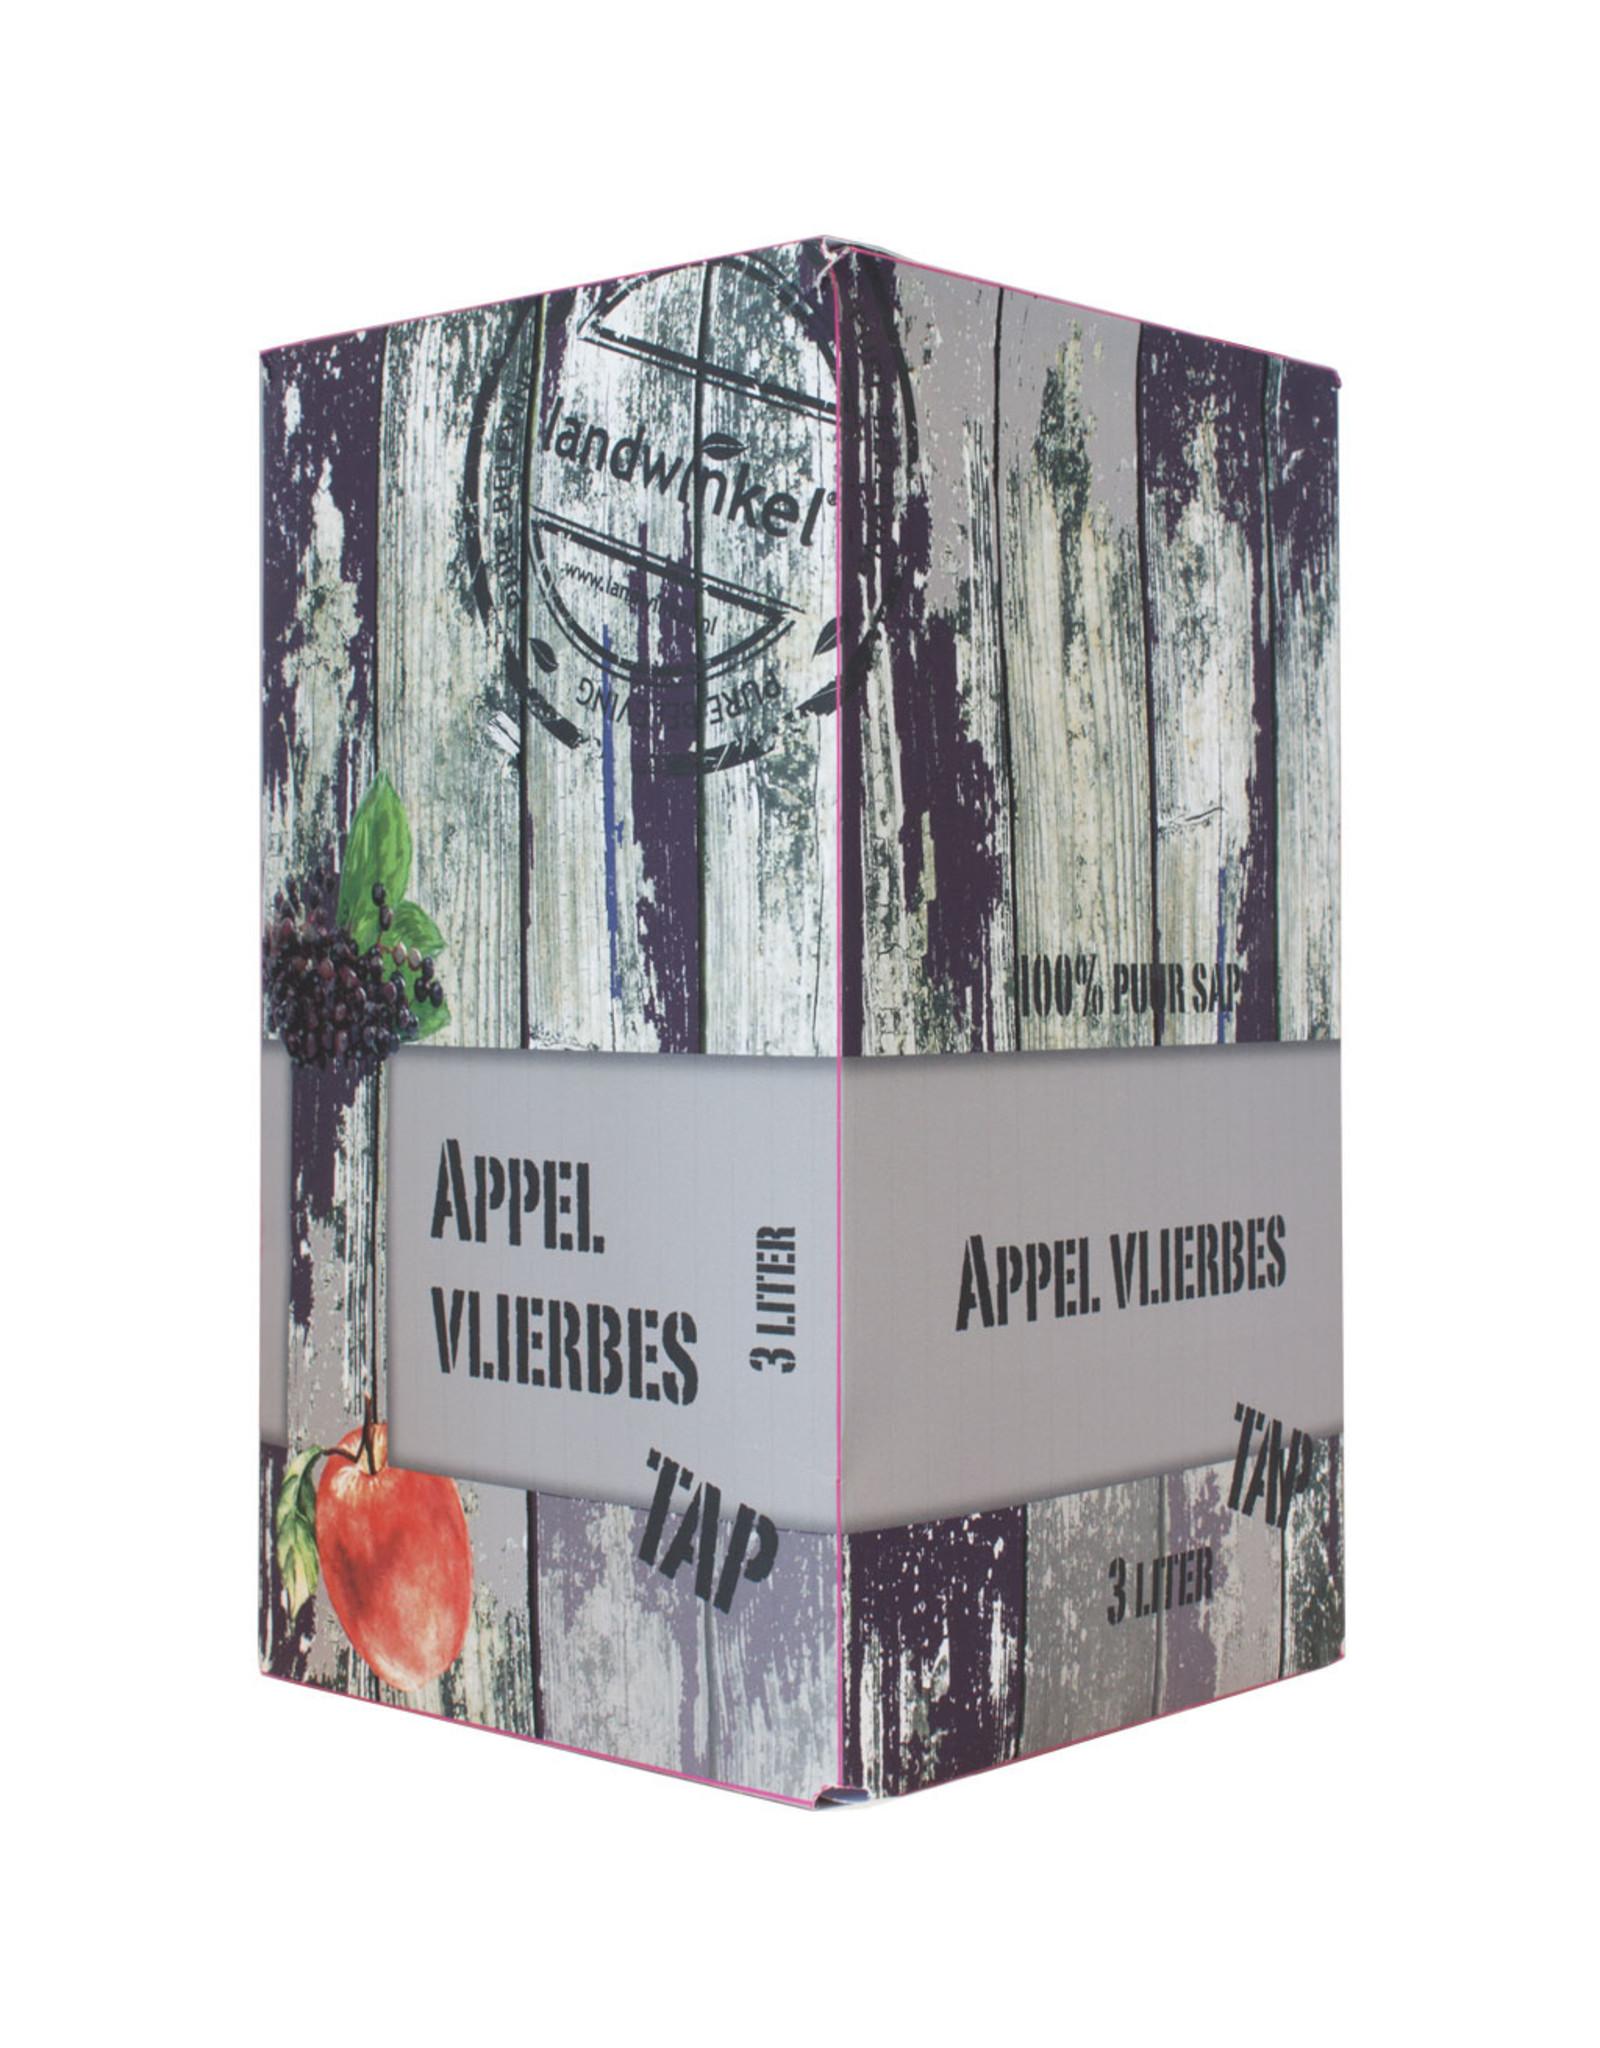 Appeltap sap appel Vlierbes 3 ltr